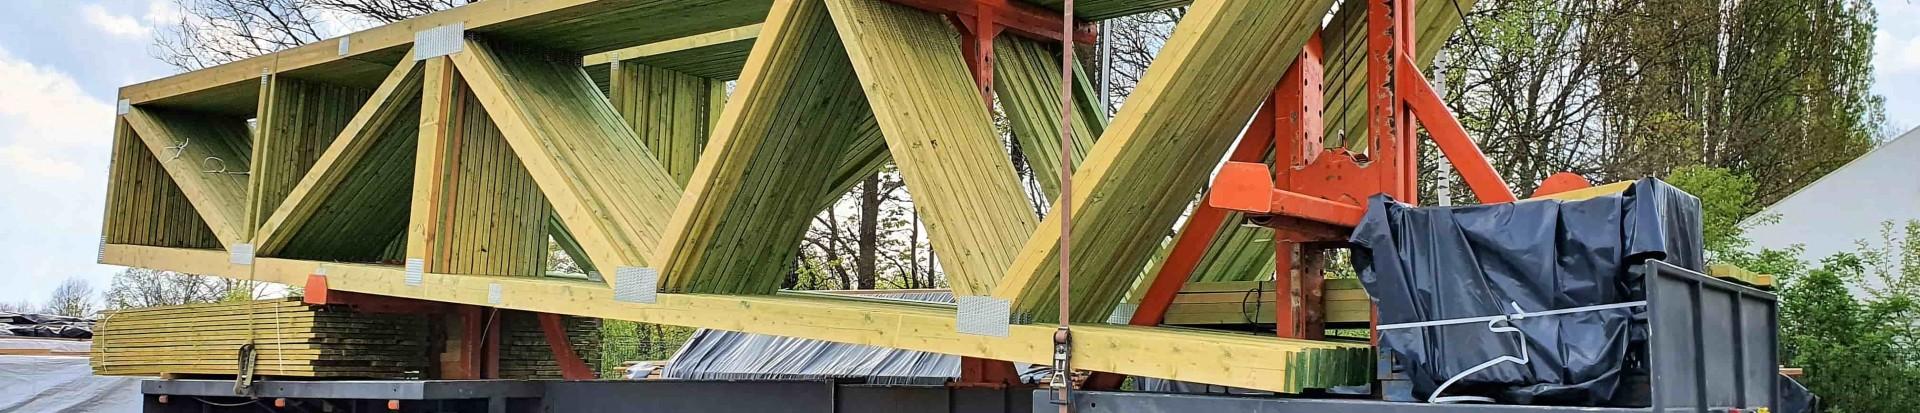 Bezpieczny transport prefabrykowanych elementów drewnianych od WPW Invest